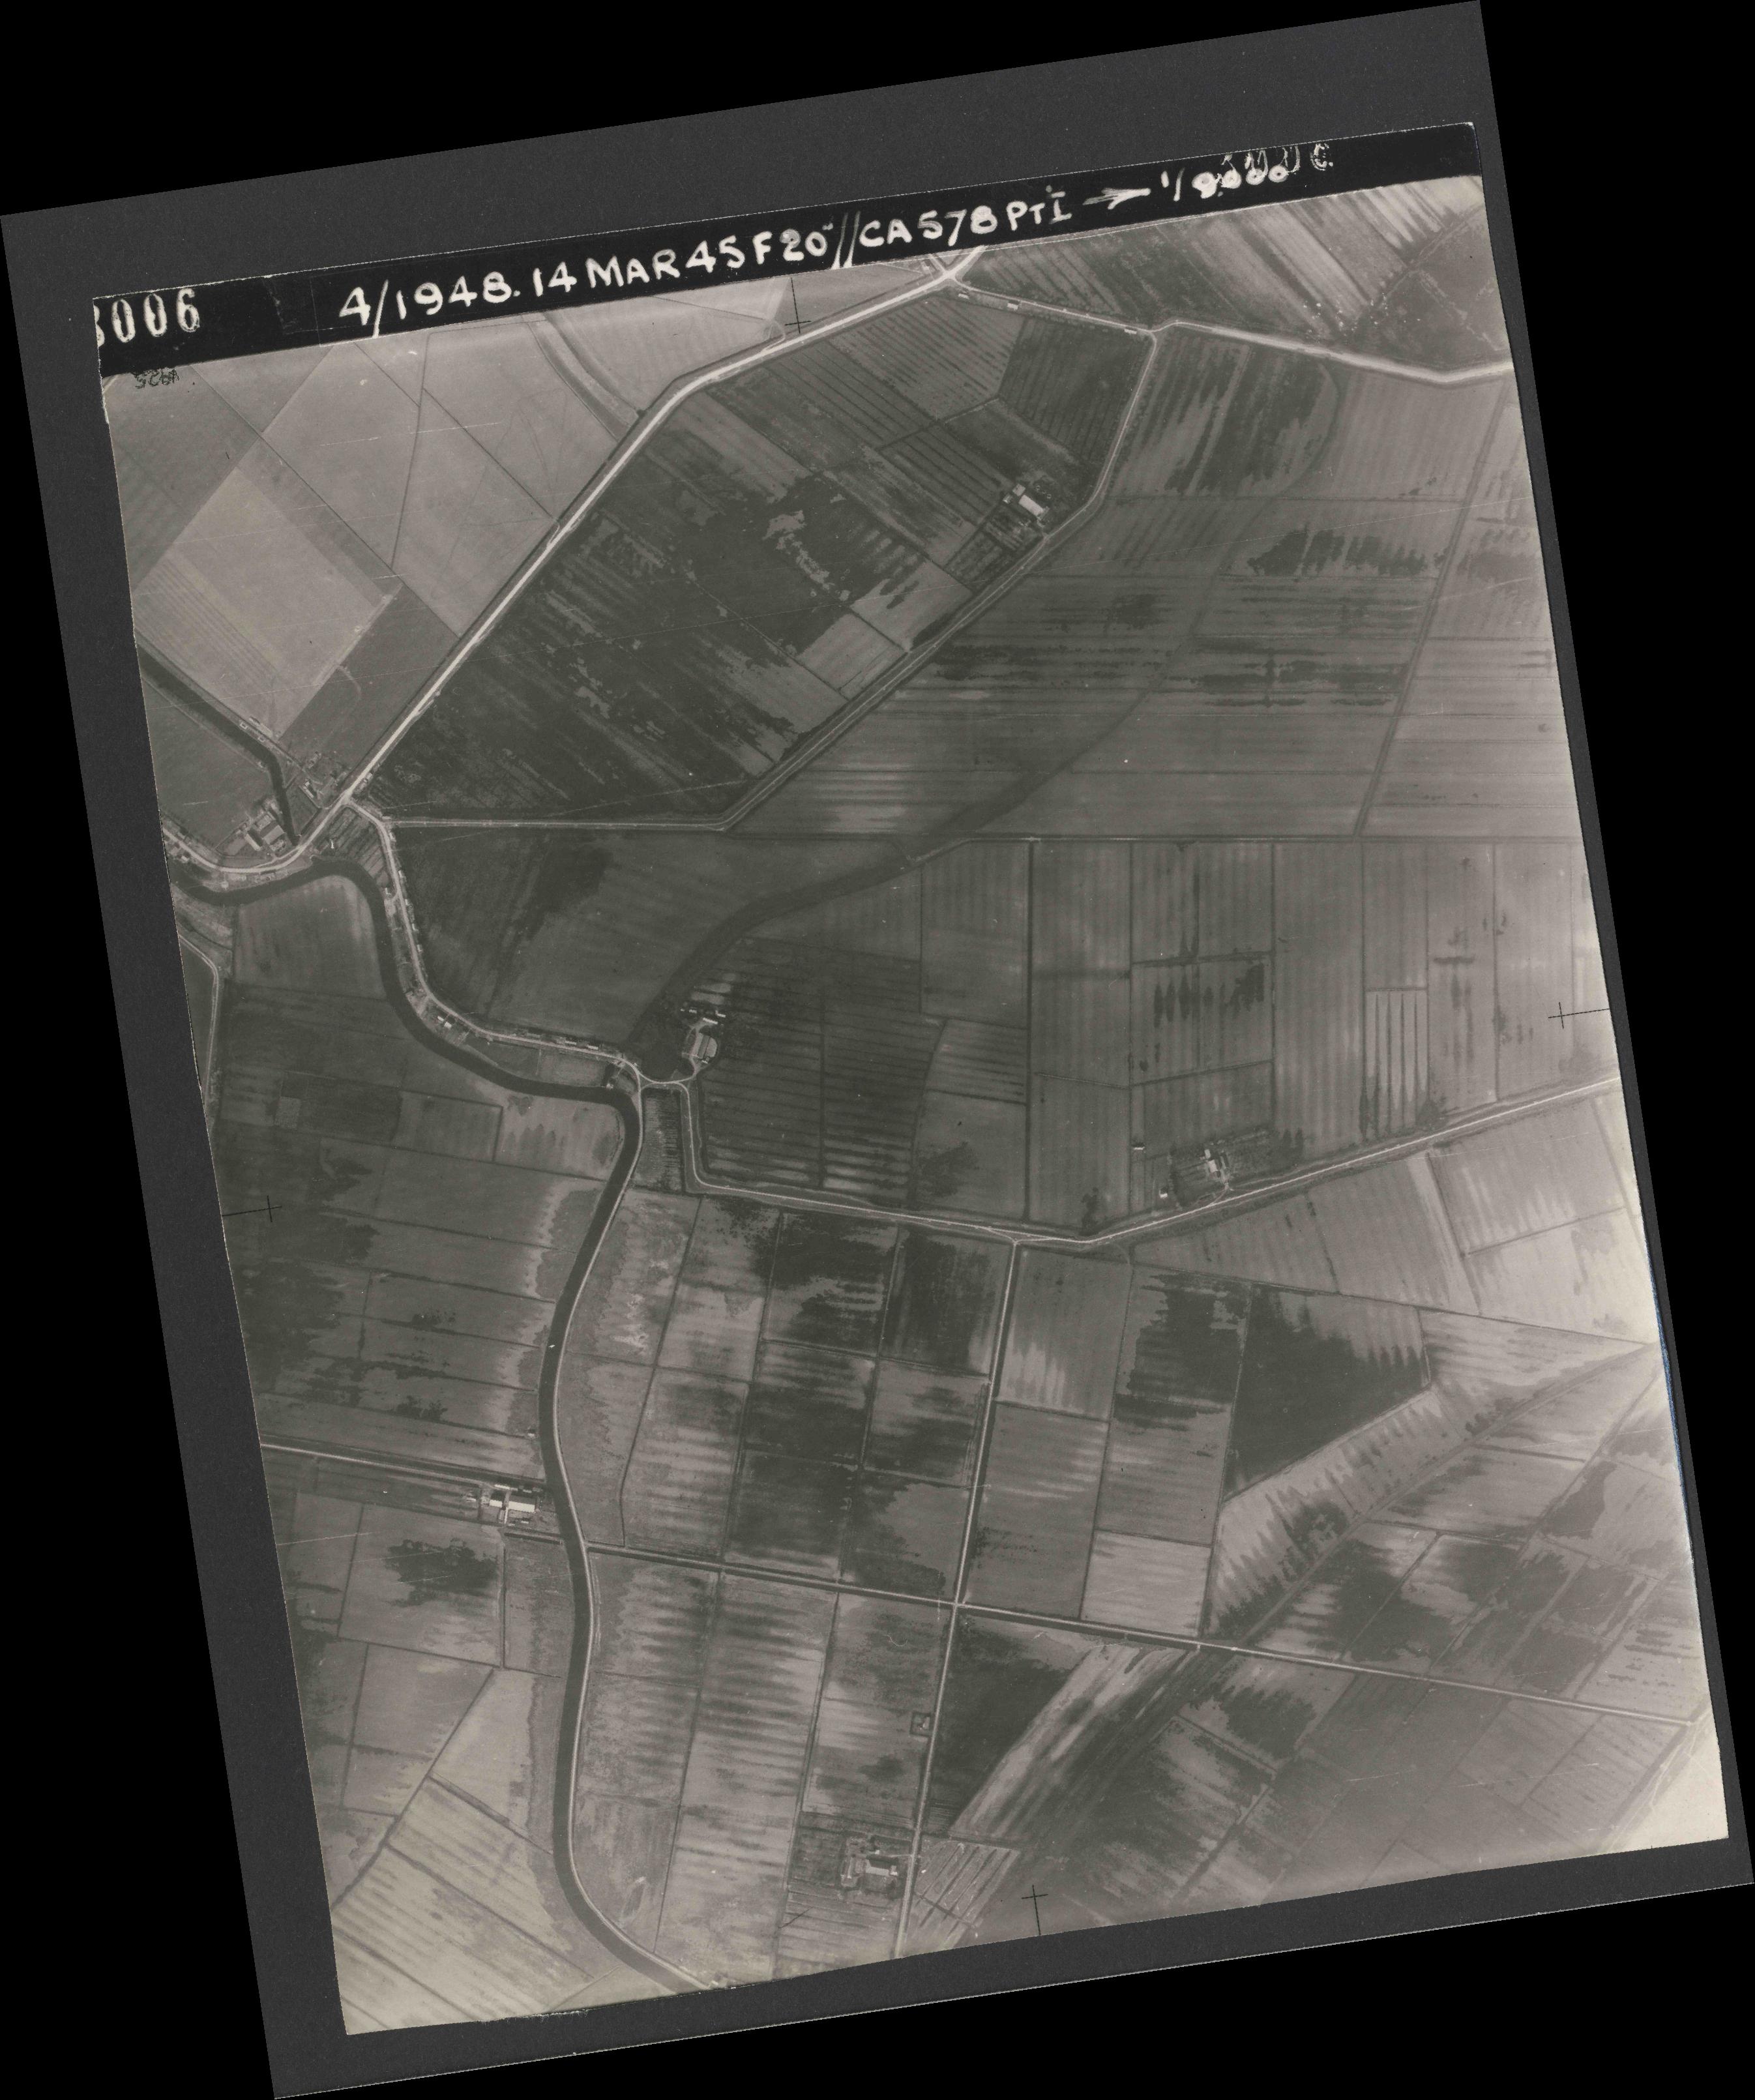 Collection RAF aerial photos 1940-1945 - flight 095, run 03, photo 3006